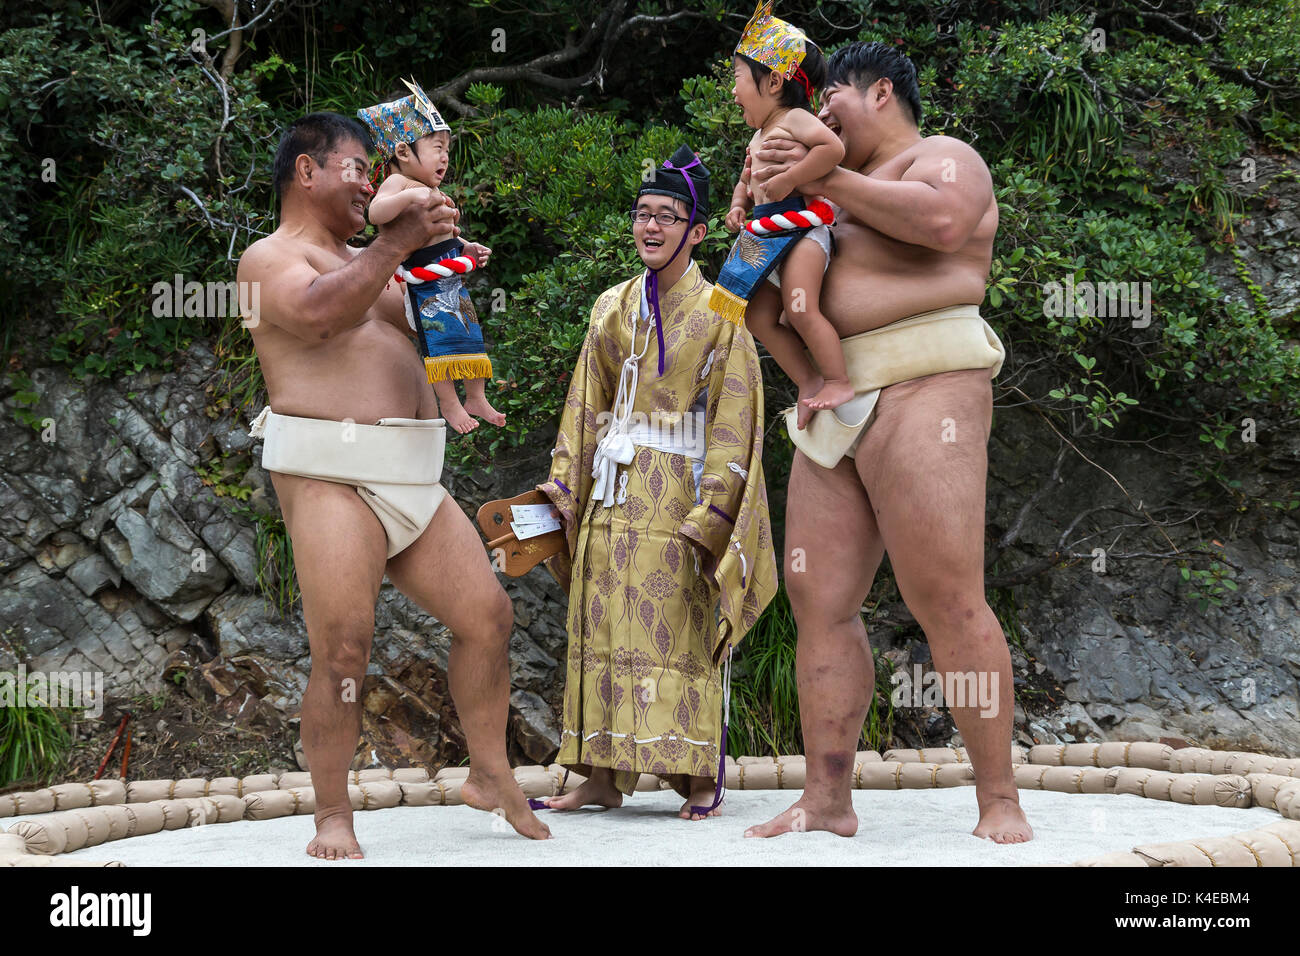 """Il vostro marchio, ottenere impostare, ora URLARE! Nakizumo è un vecchio di 400 anni evento che sembra essere basato su il proverbio """"gridare i bambini crescono più velocemente"""". Neonati les Immagini Stock"""